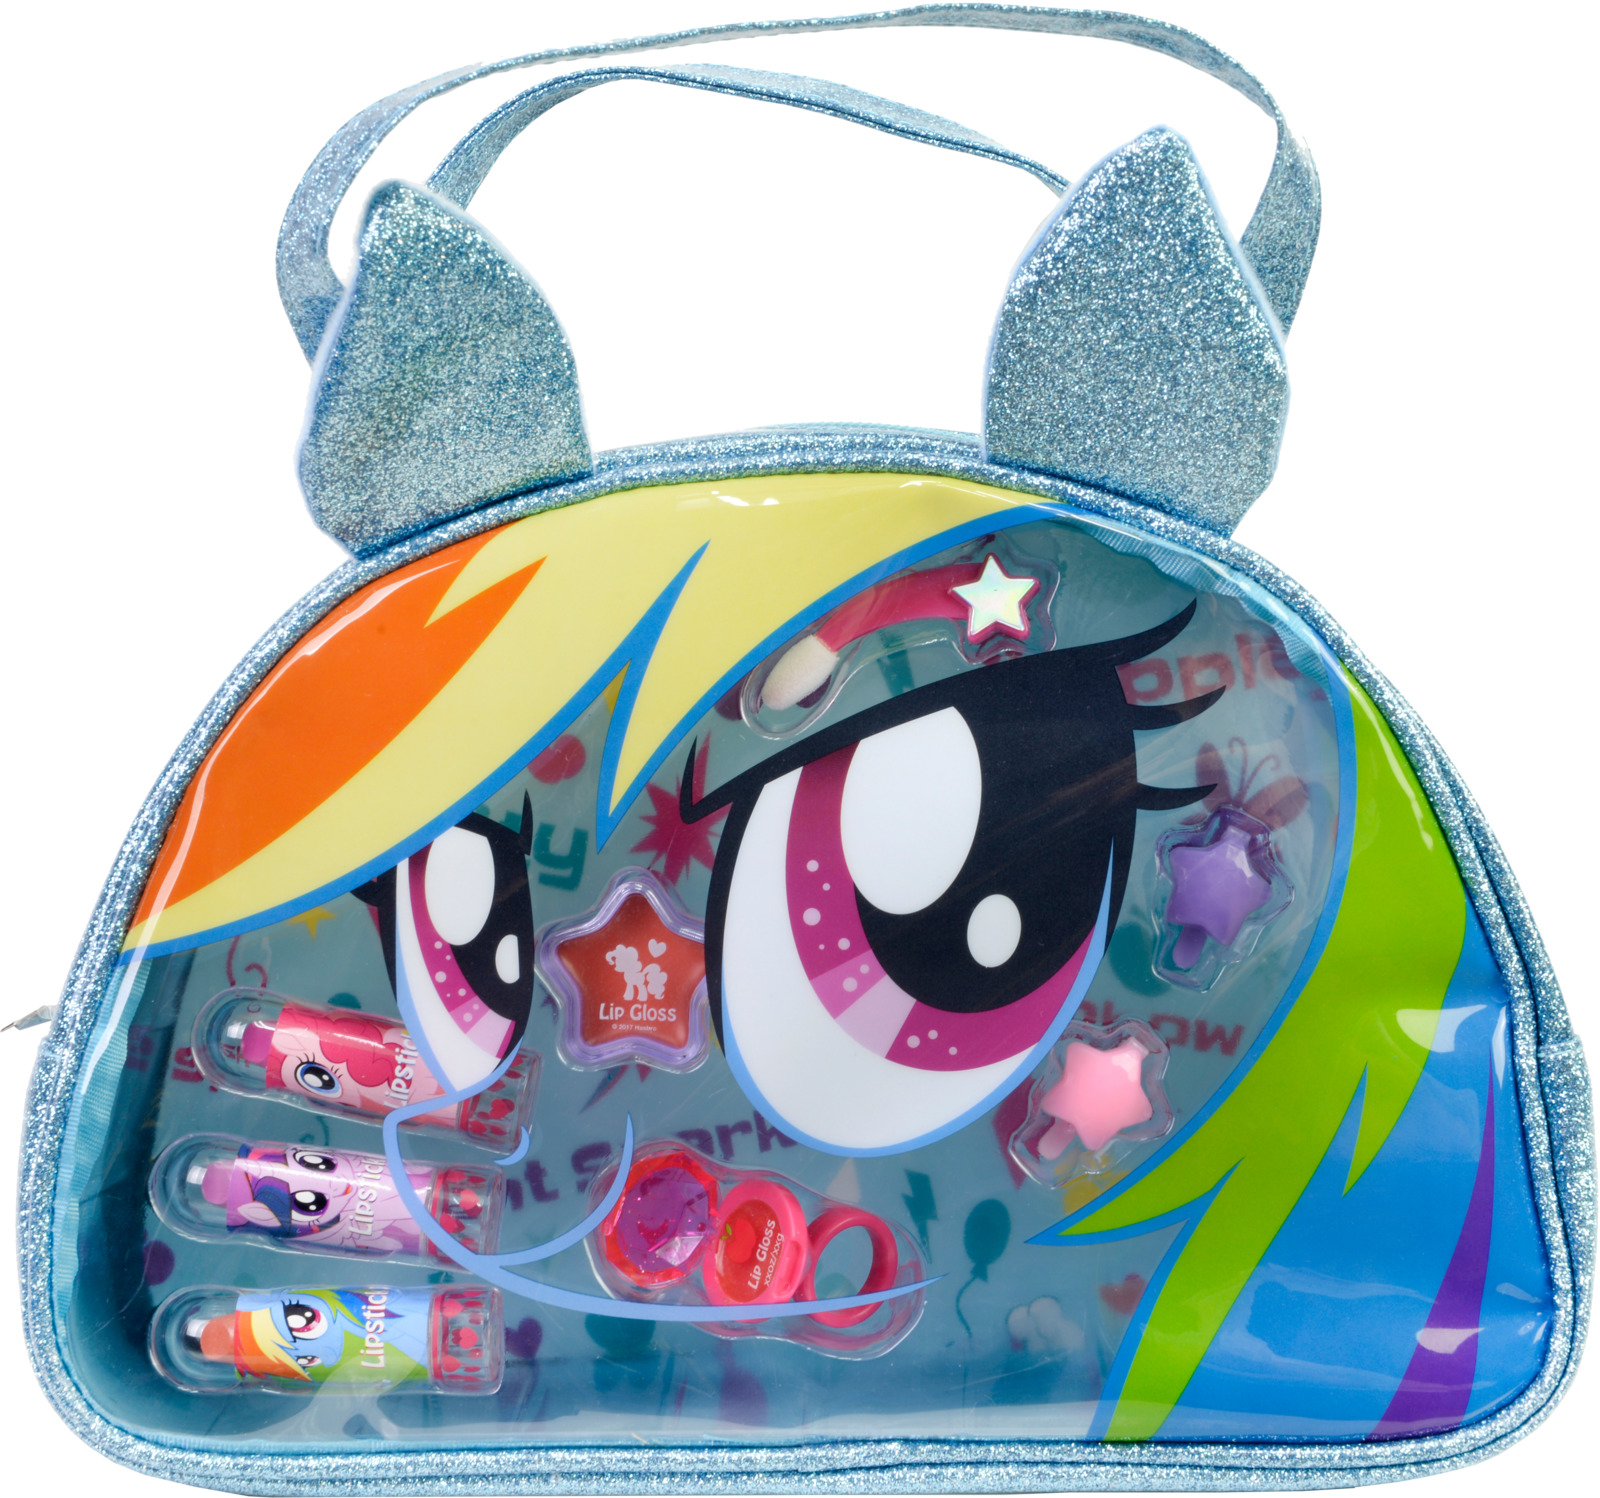 Игровой набор детской декоративной косметики Markwins My Little Pony. 9802451 игровой набор shantou chenghai мелок для волос блеск для губ резиночки 6 шт